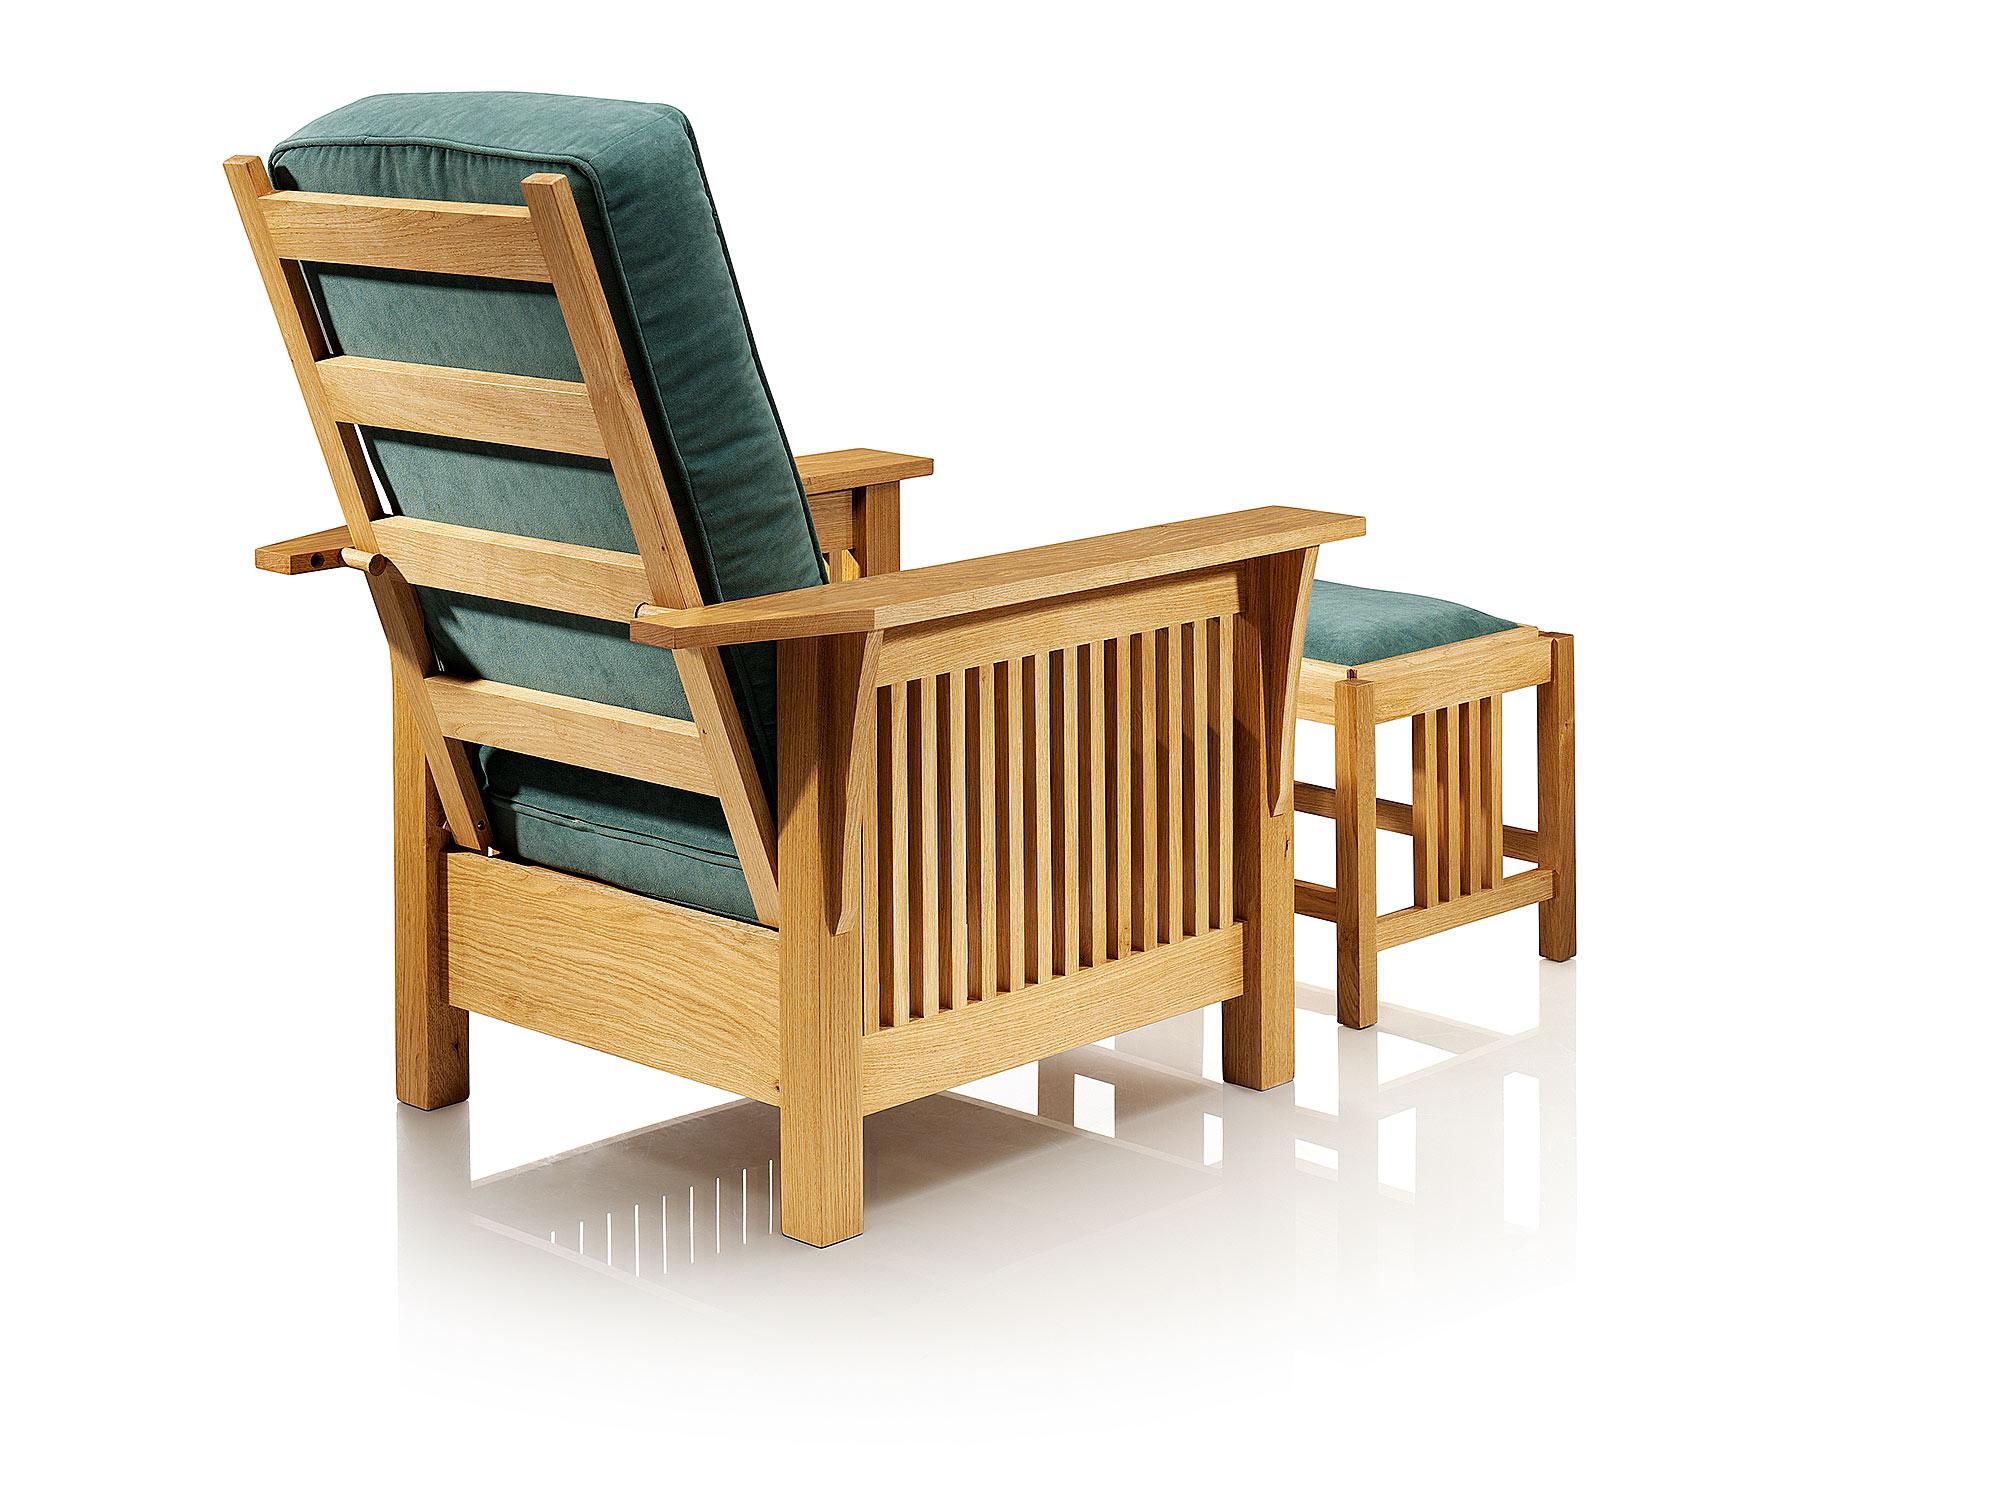 Studio Apartment Ideas Best Design Studio Apartment Ideas Home Furniture  Ideas